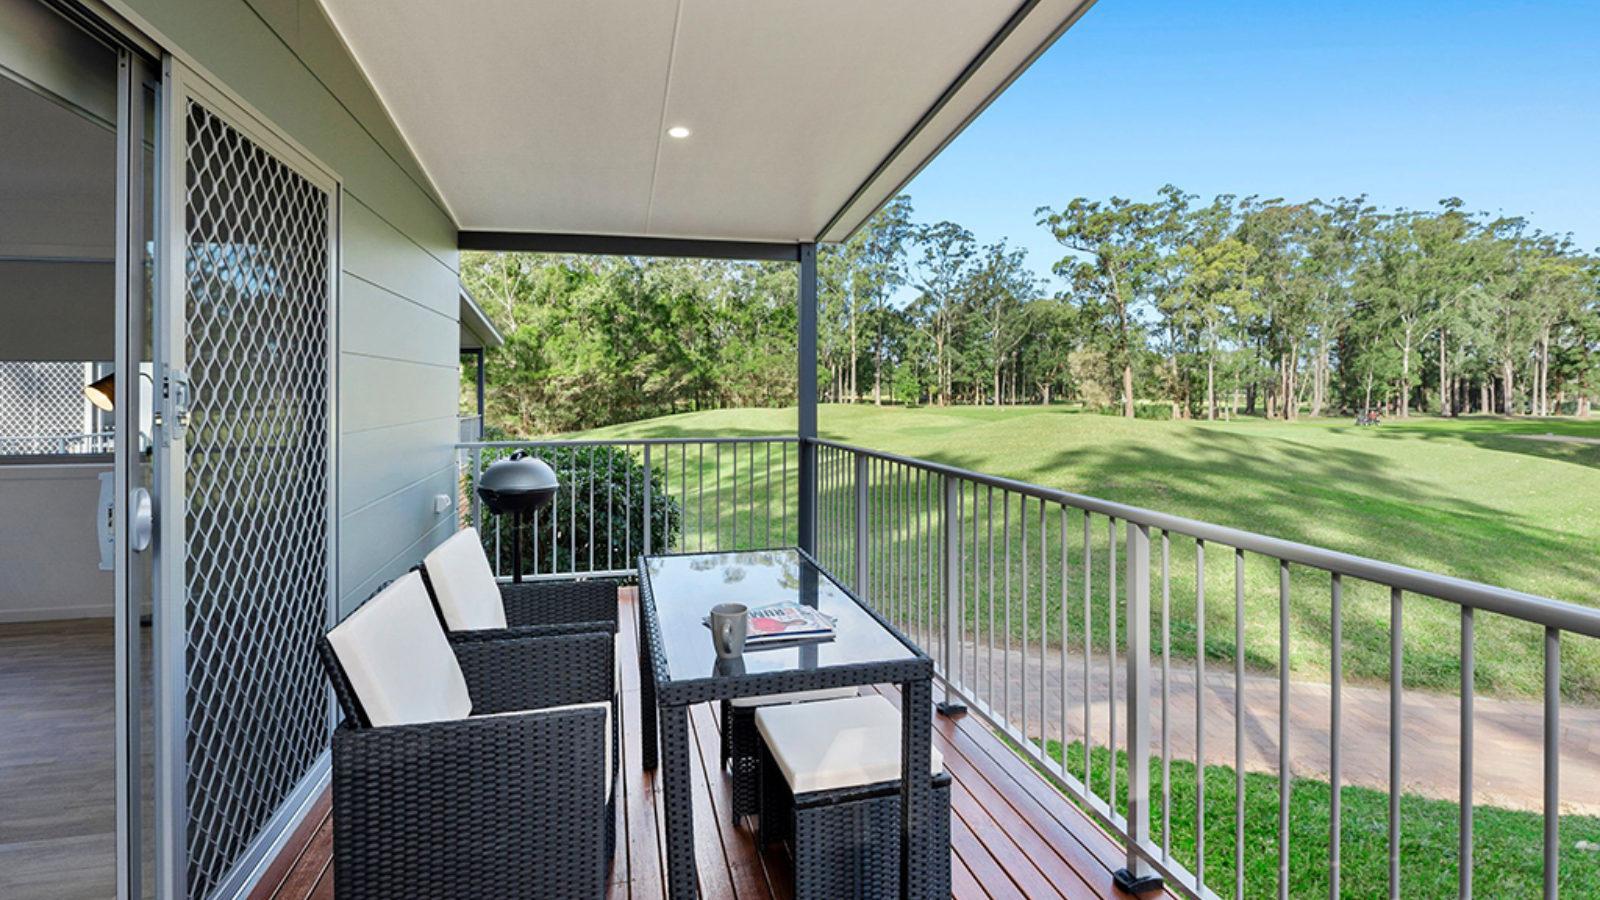 Tallwoods balcony view